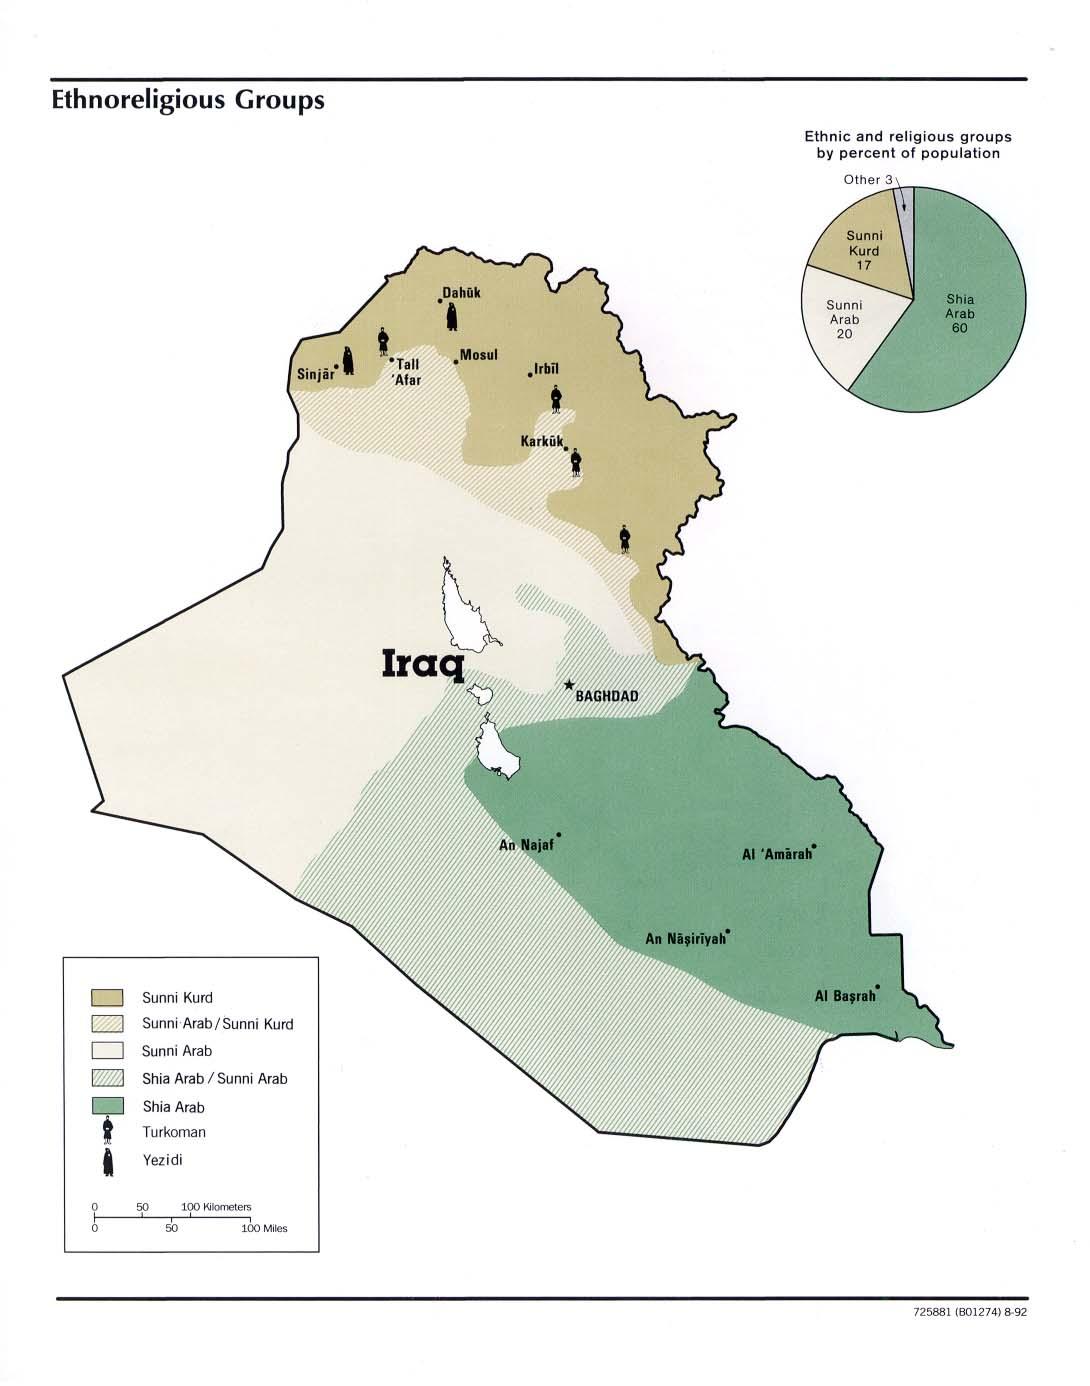 Grupos etno-religiosos de Irak 1992